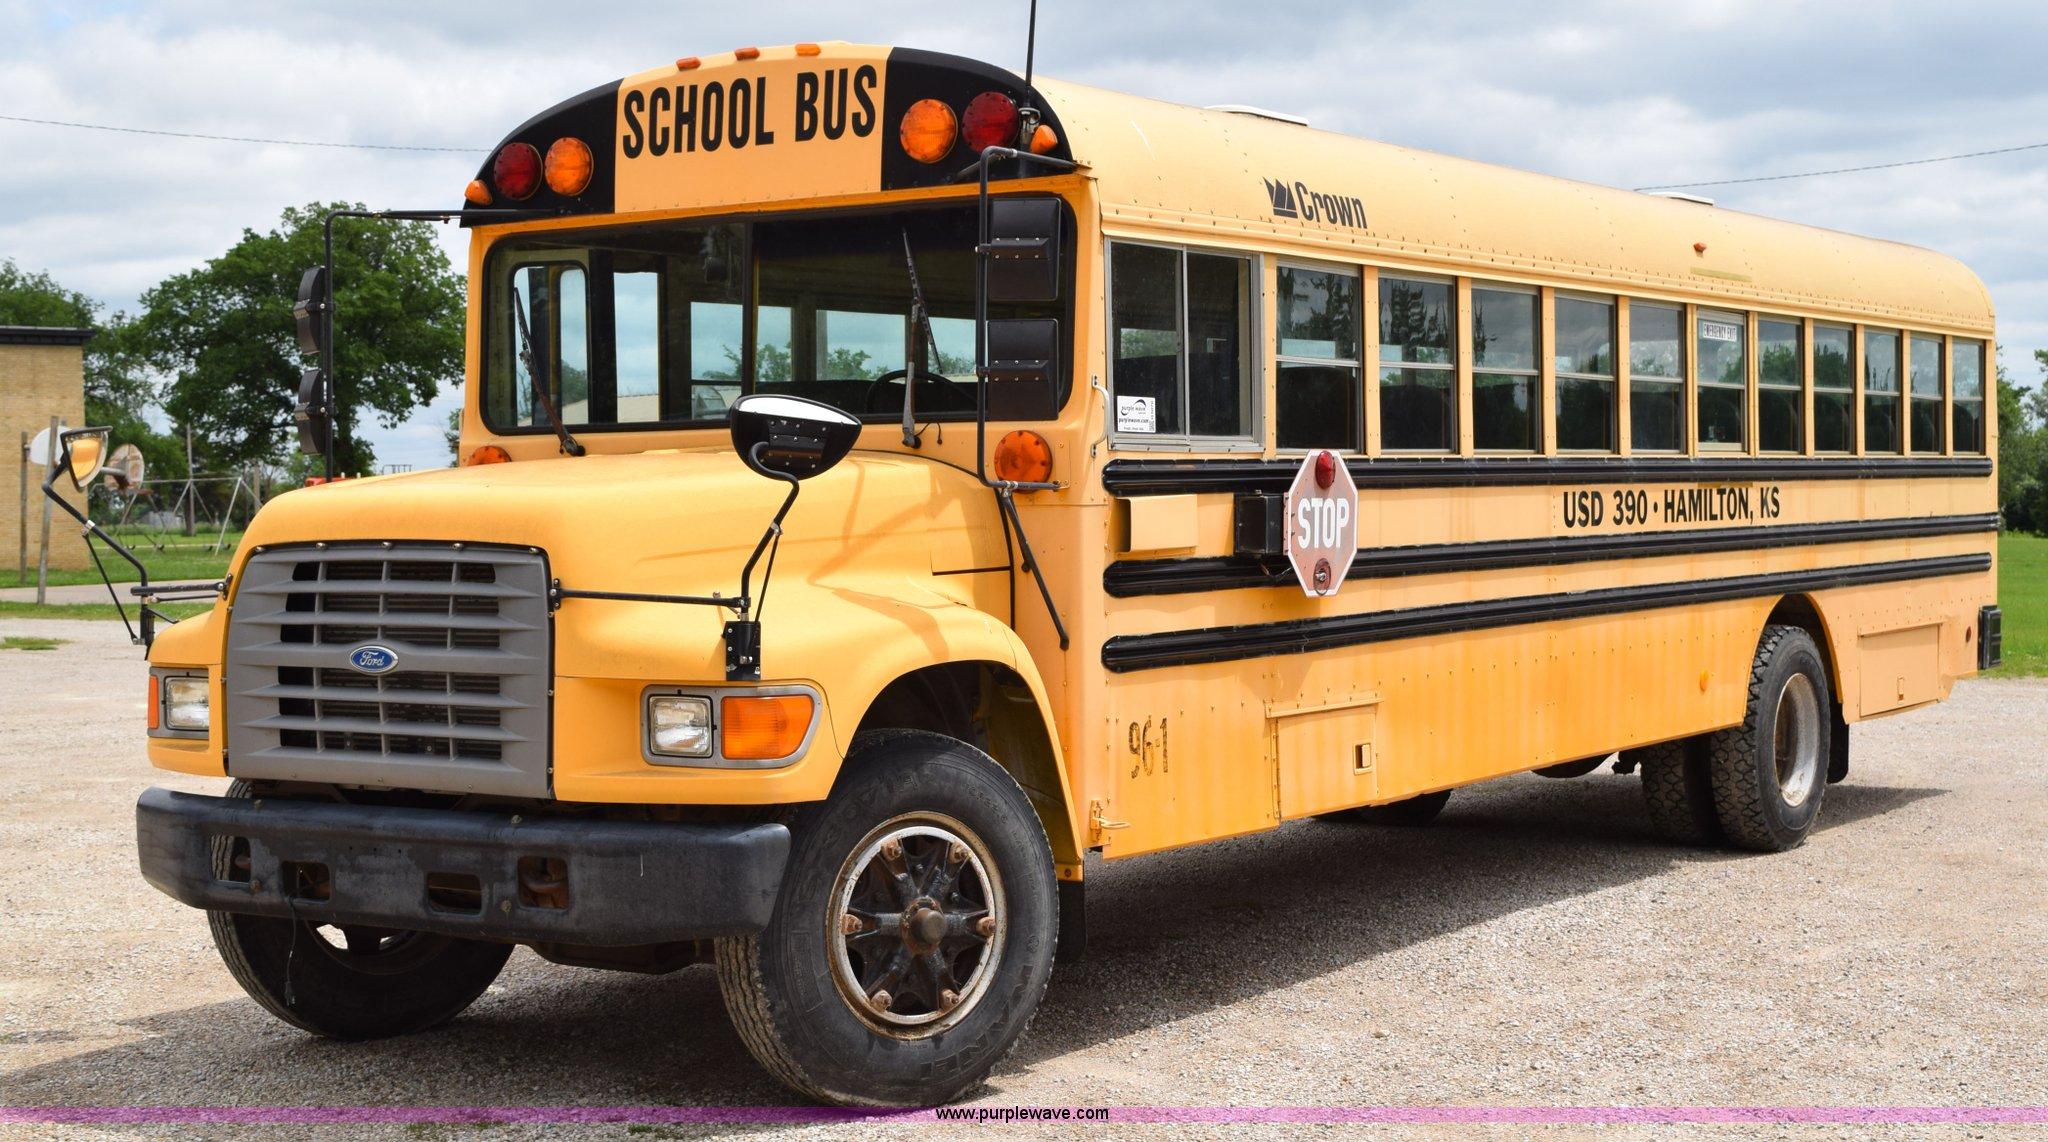 1996 Ford B800 School Bus